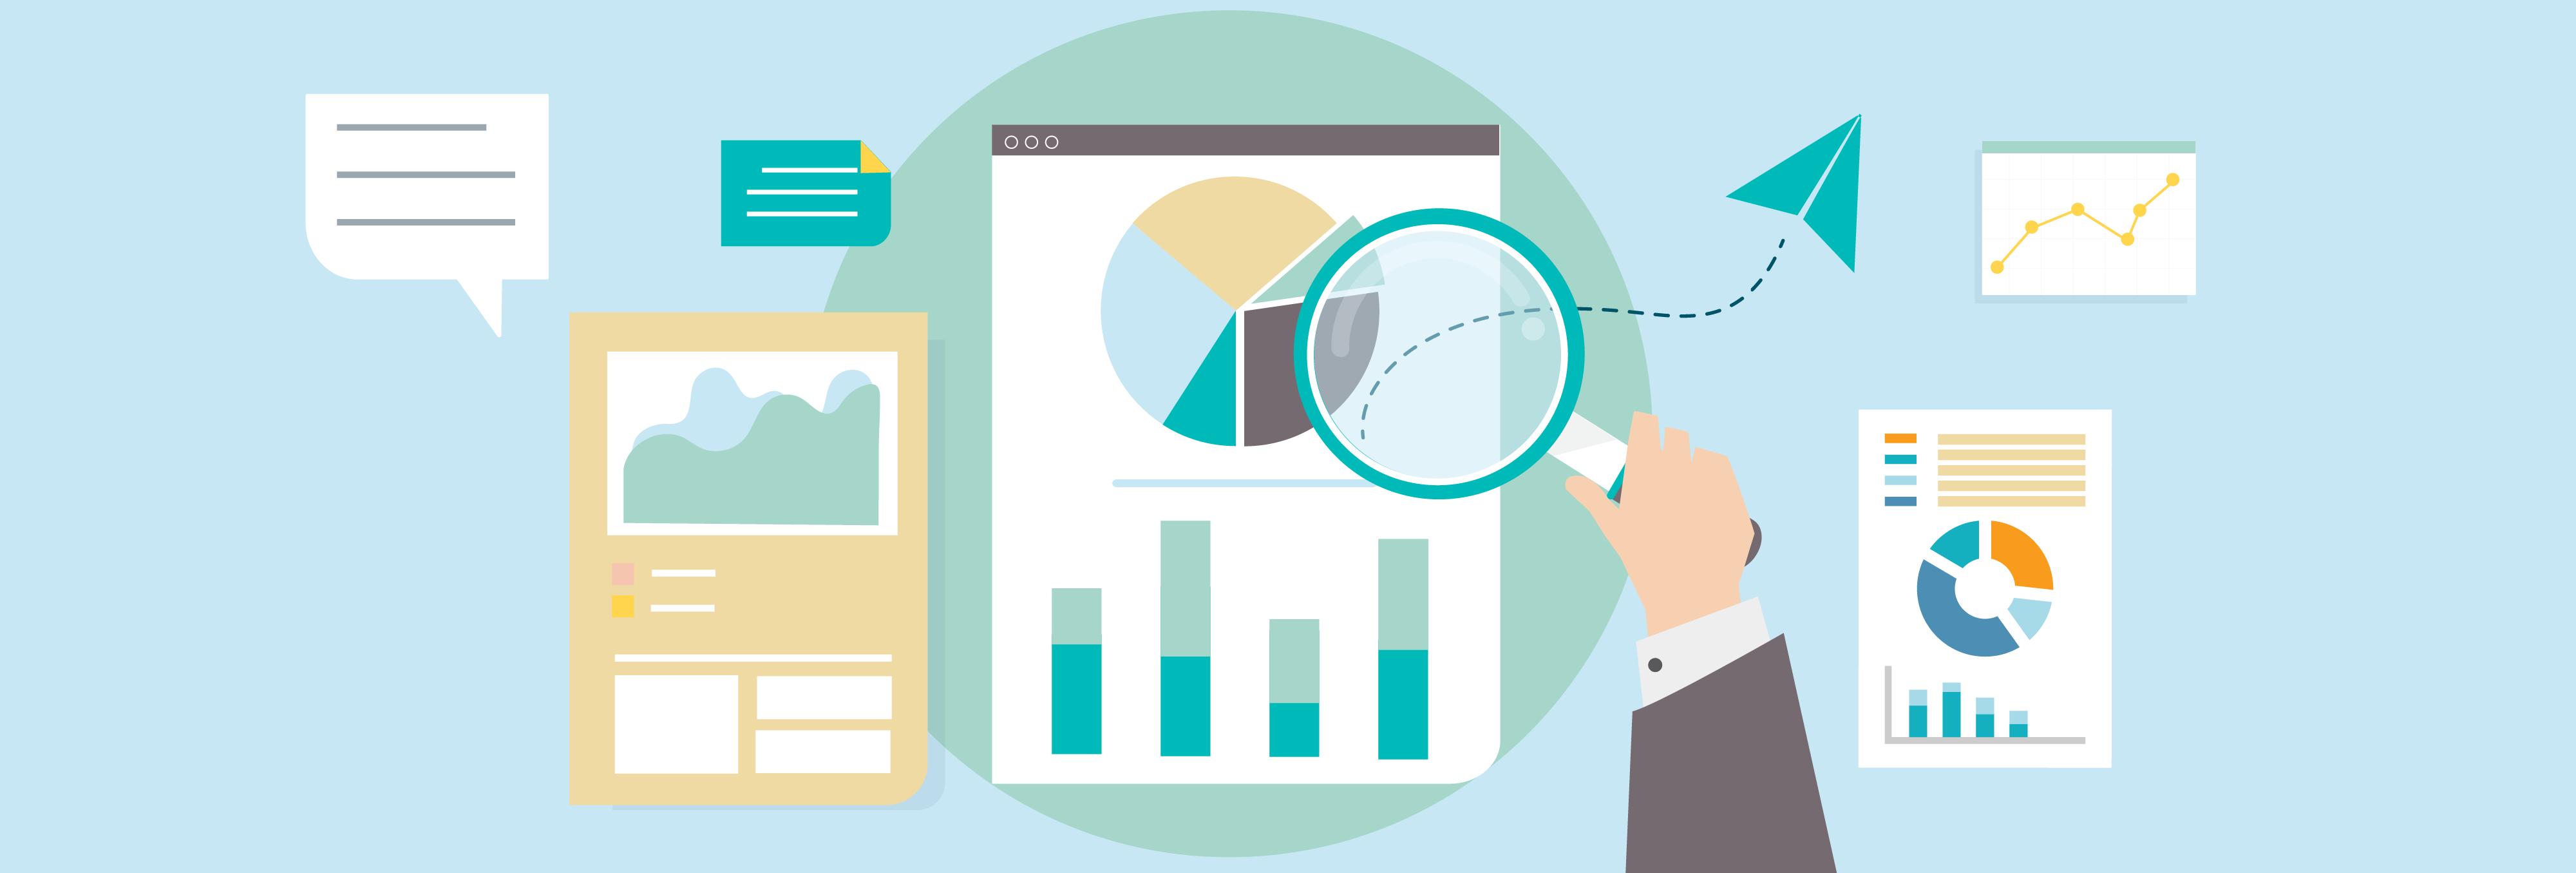 Šta analiziraju poslovni analitičari?